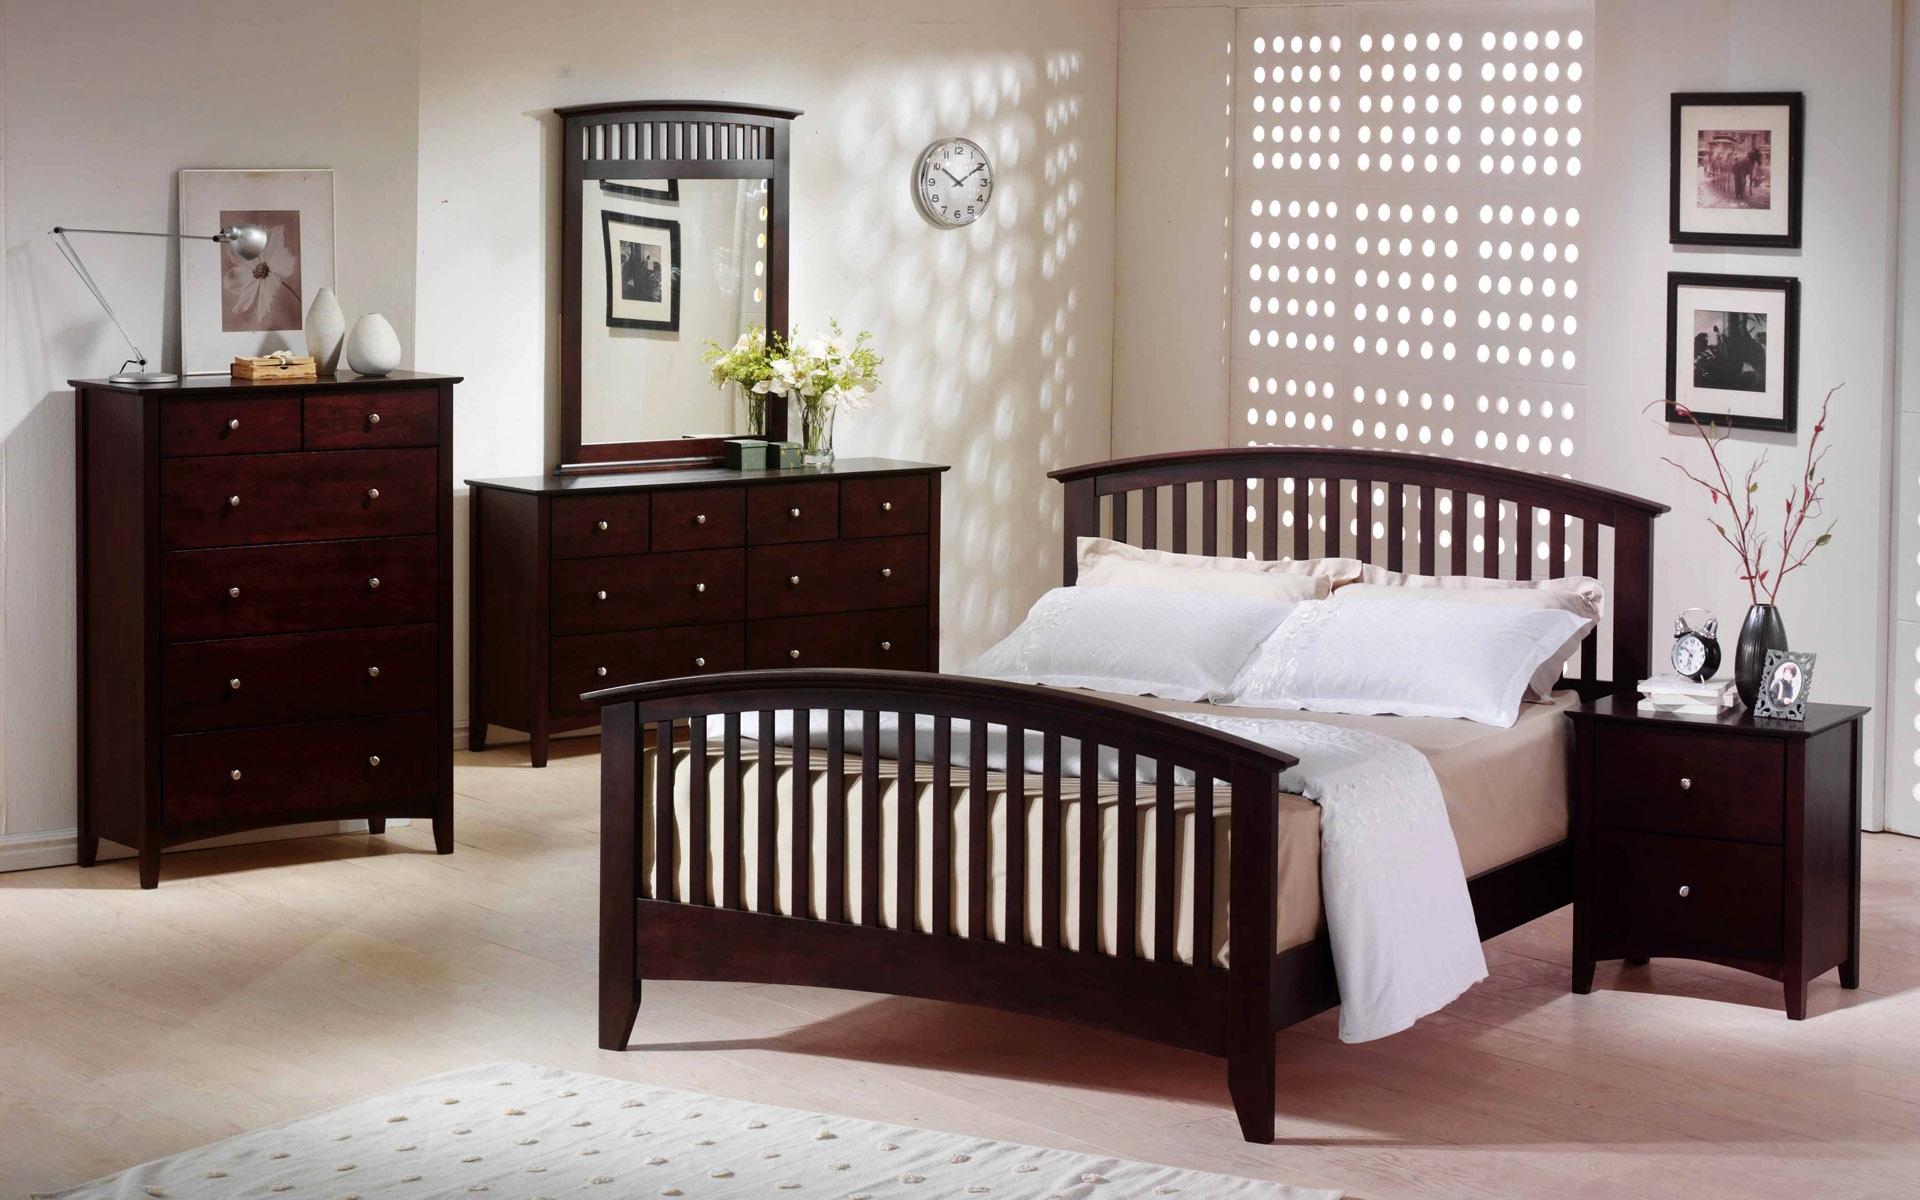 Credenza Da Design : Sfondi camera da letto interior design legno duro